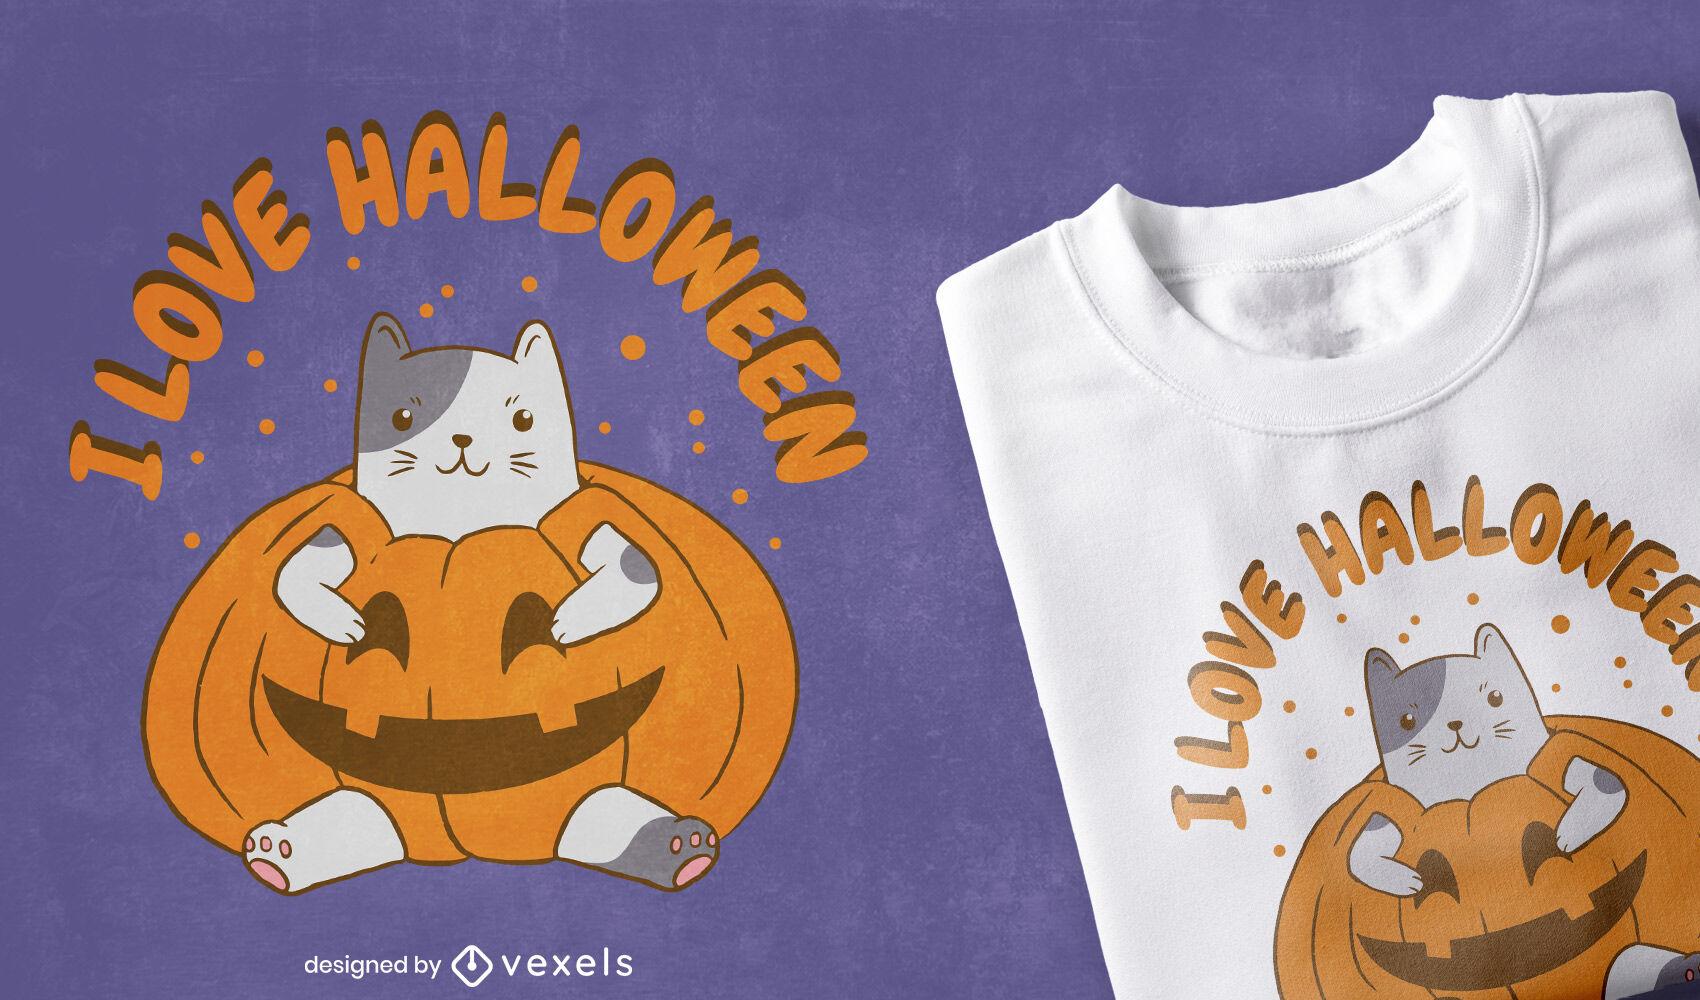 Cat in halloween pumpkin t-shirt design